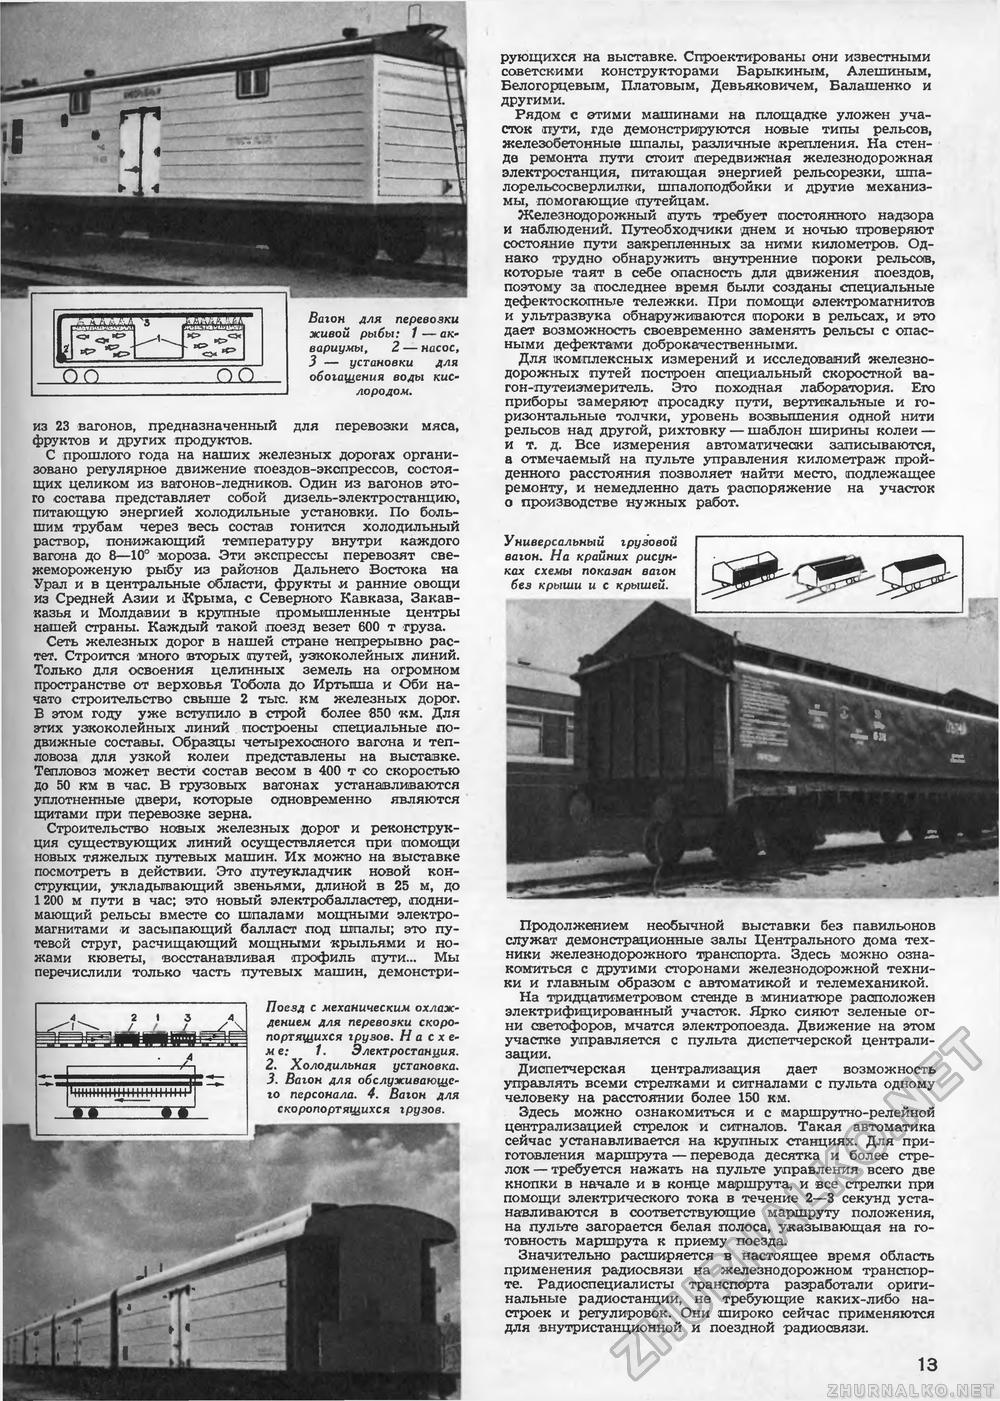 3-й вагон с начала поезда для молодежи: